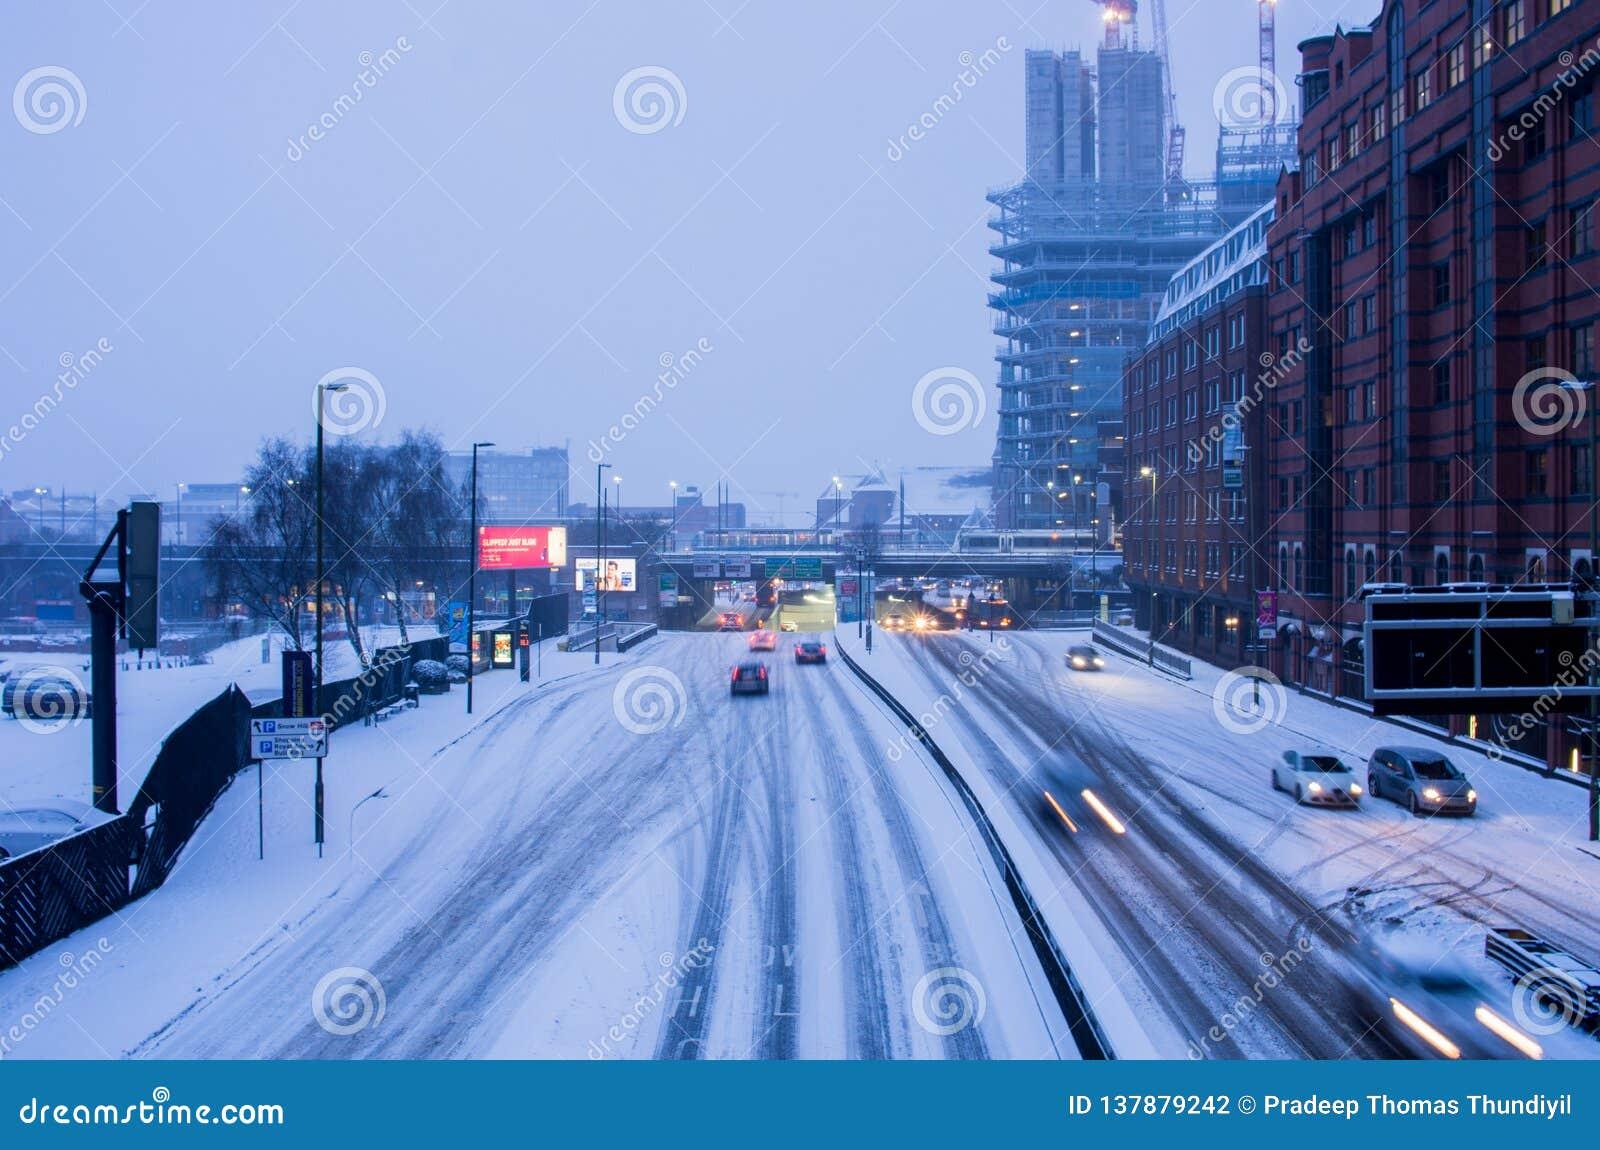 Forte nevicata a Birmingham, Regno Unito